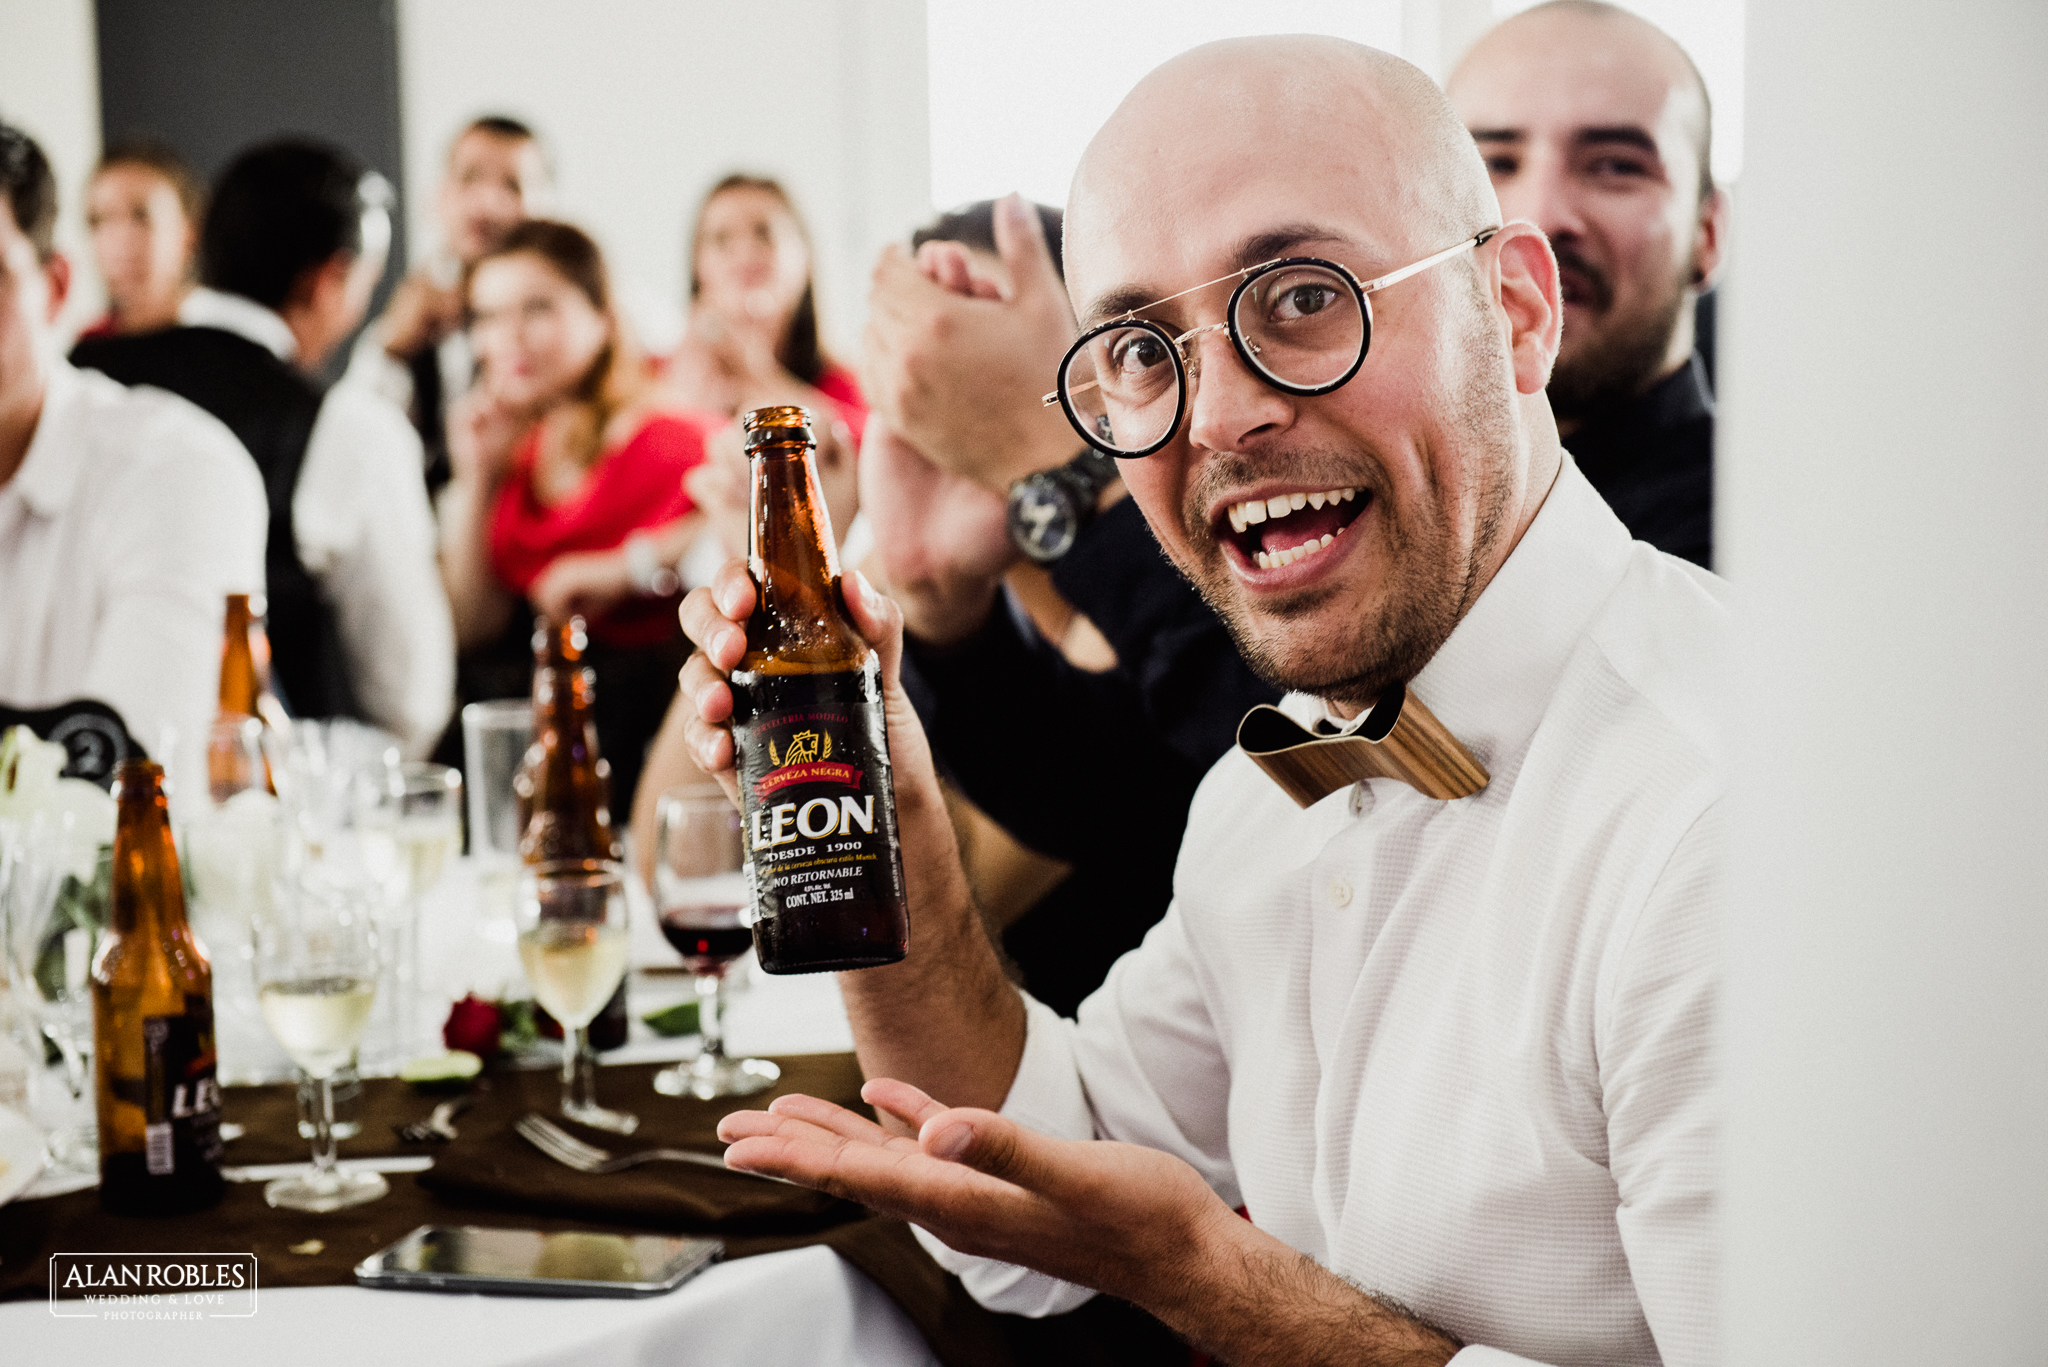 Recepcion y fiesta de boda en Hotel Malibu. Fotografo de Bodas Alan Robles en Guadalajara..